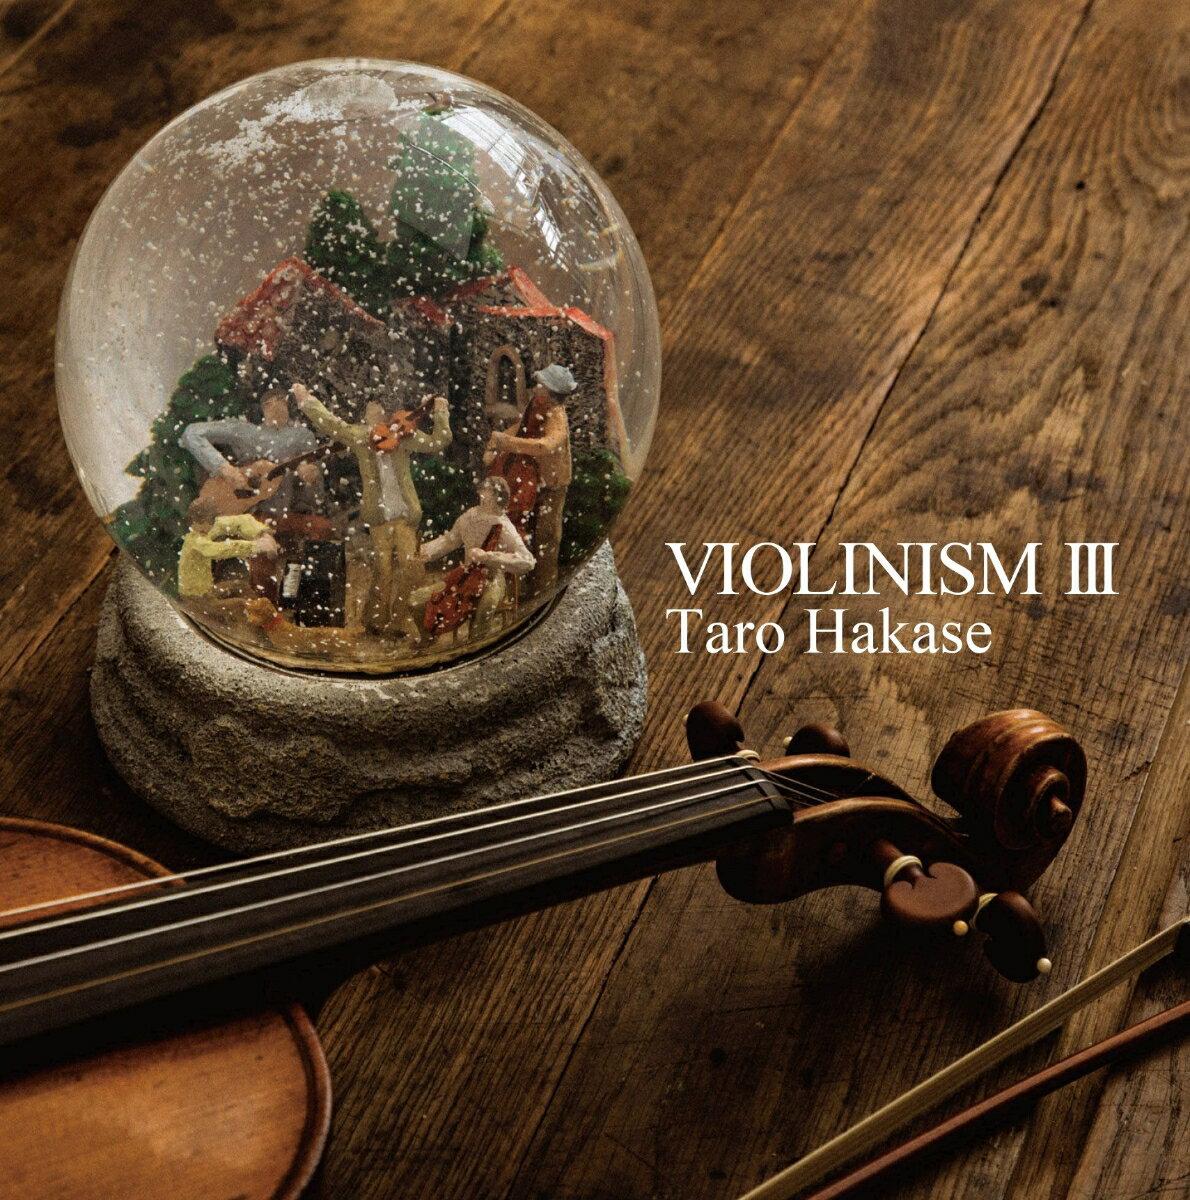 VIOLINISM 3 (初回限定盤) [ 葉加瀬太郎 ]